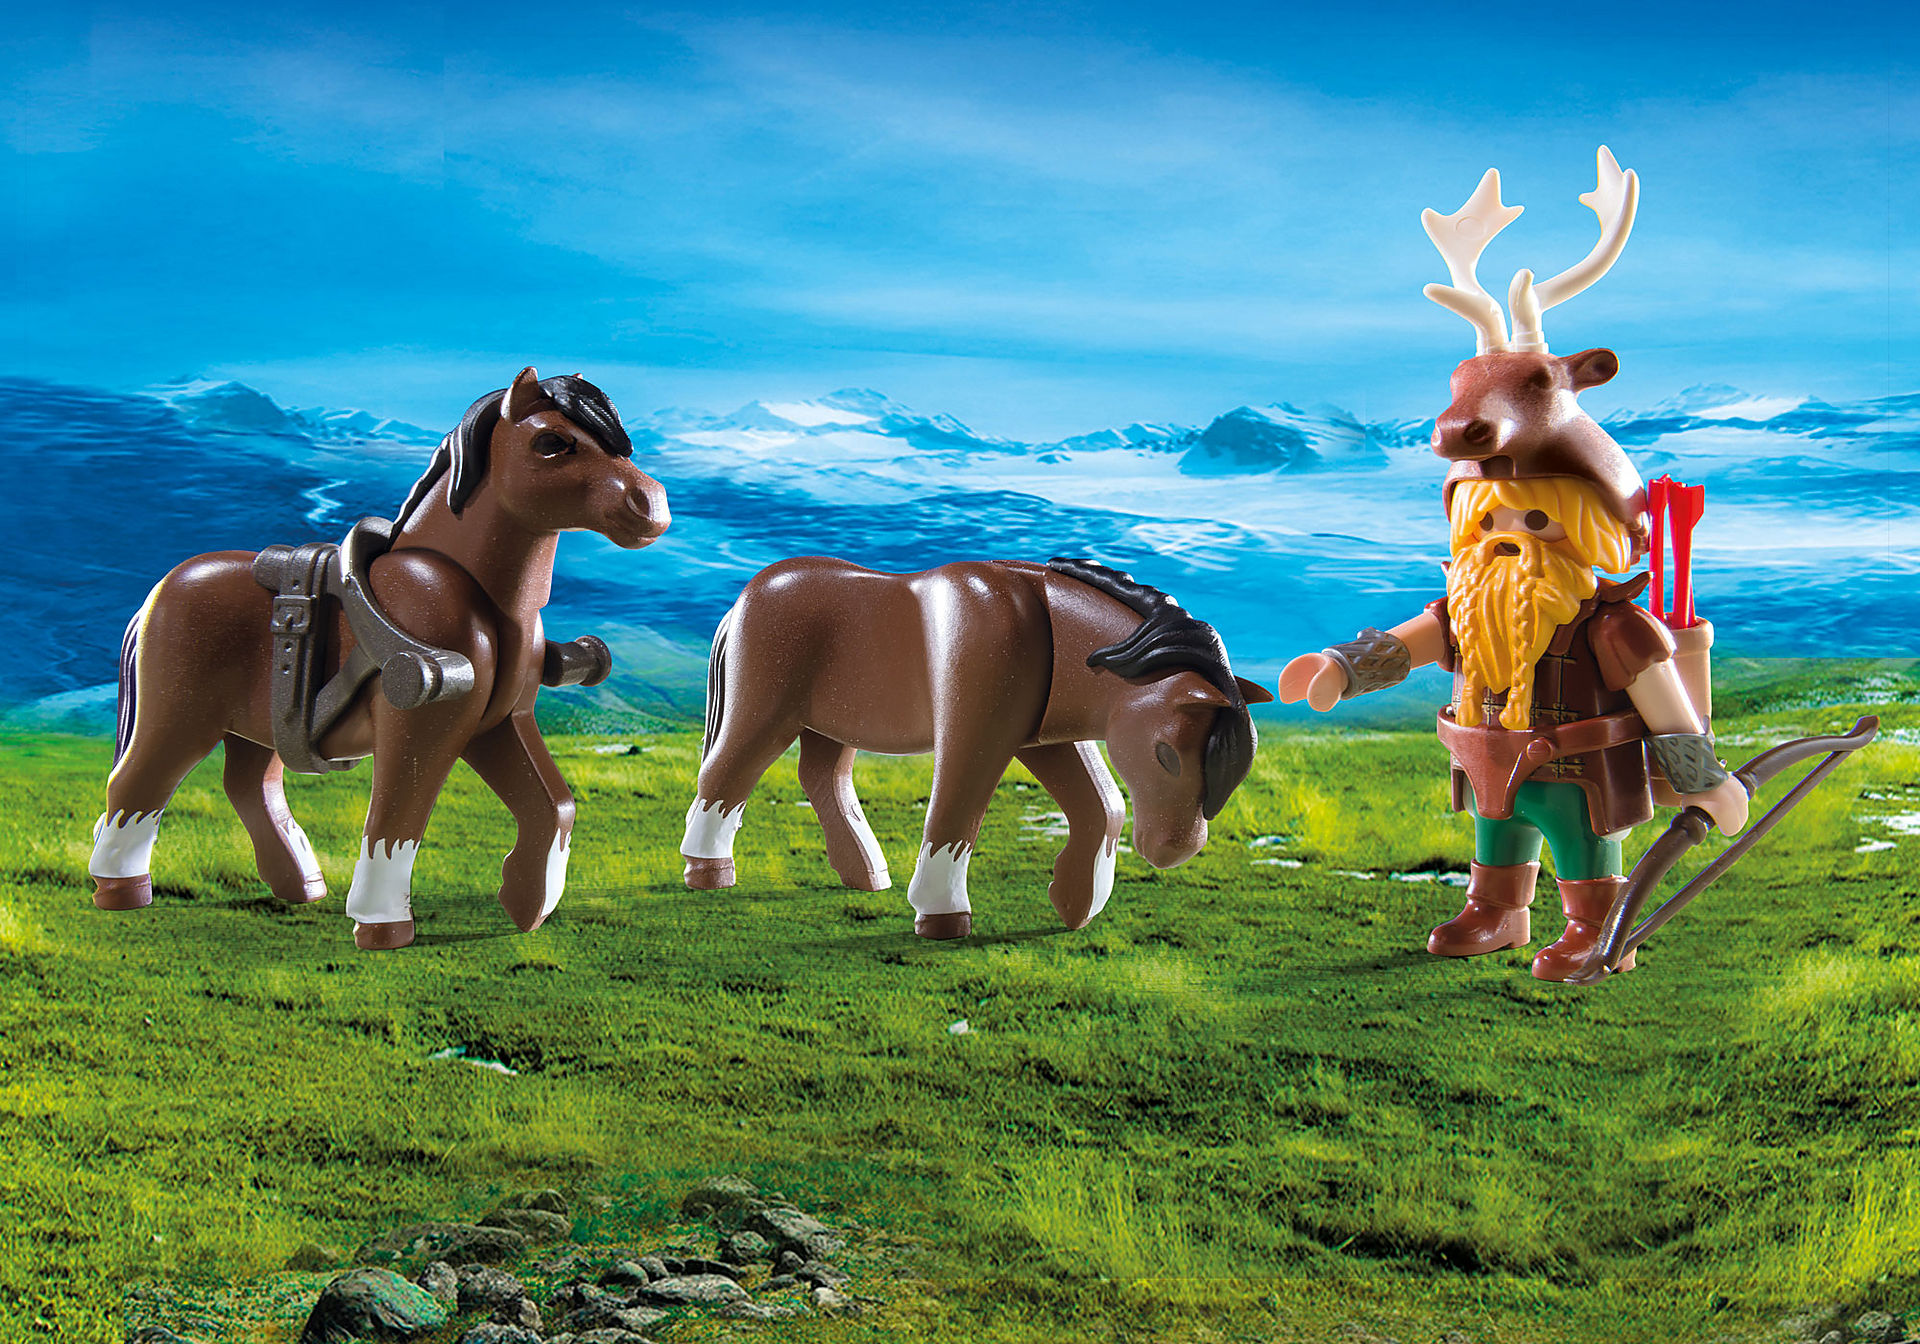 9341 Βαλλίστρα Νάνων με άλογα Πόνυ zoom image5